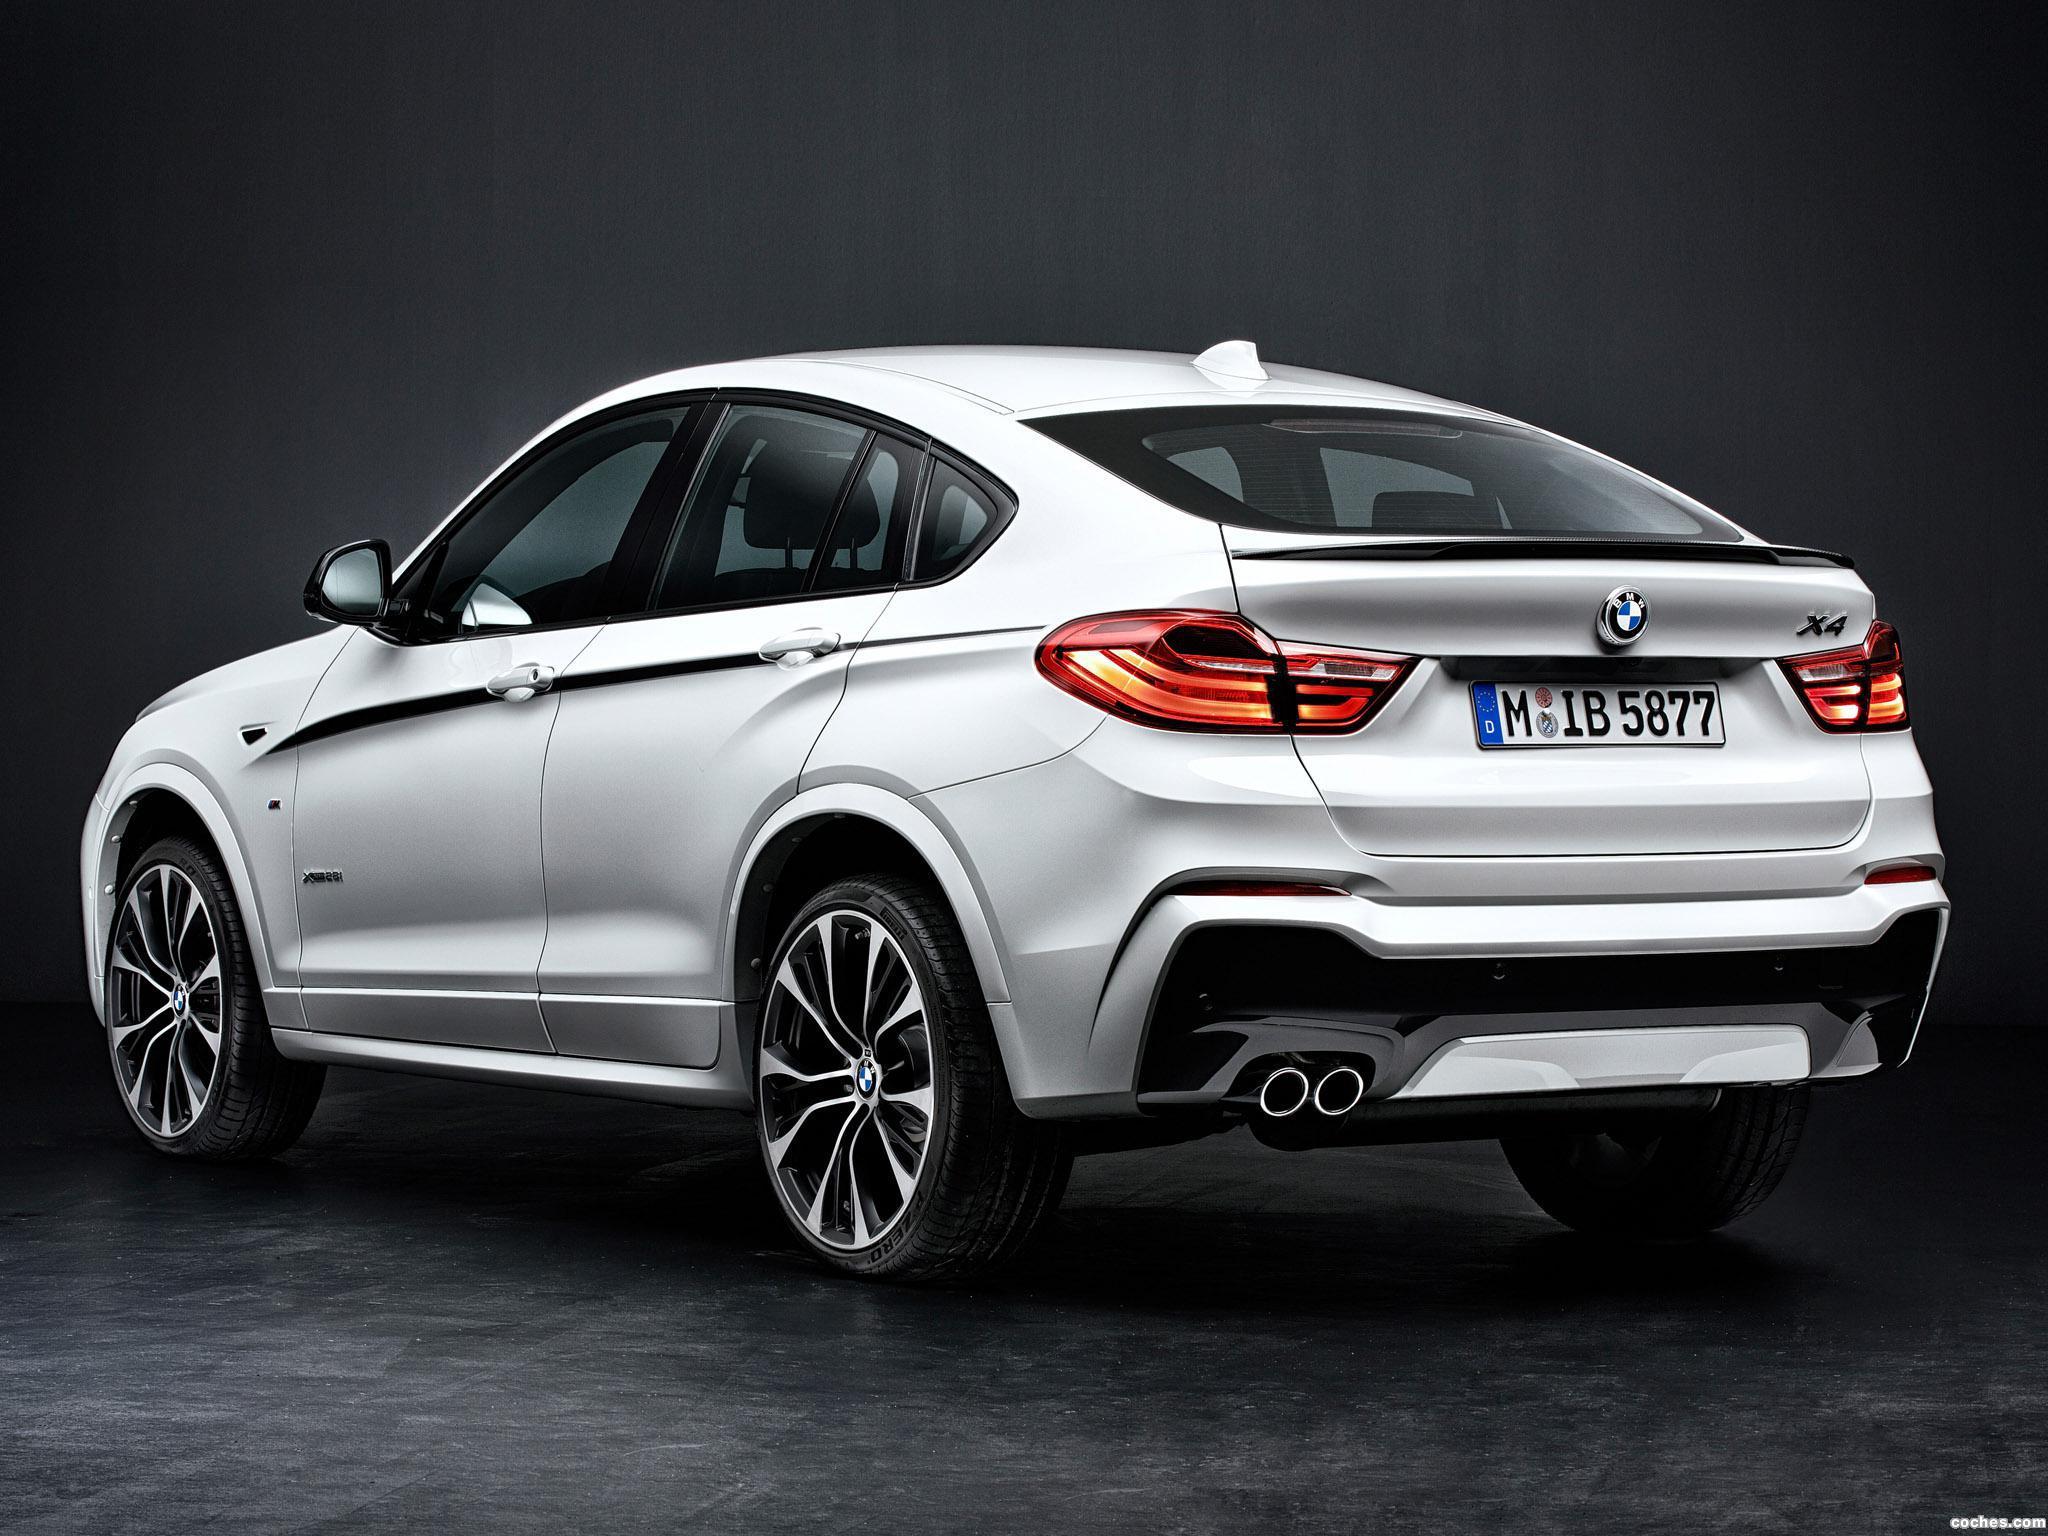 Foto 1 de BMW X4 xDrive28i M Performance Accessories F26 2014